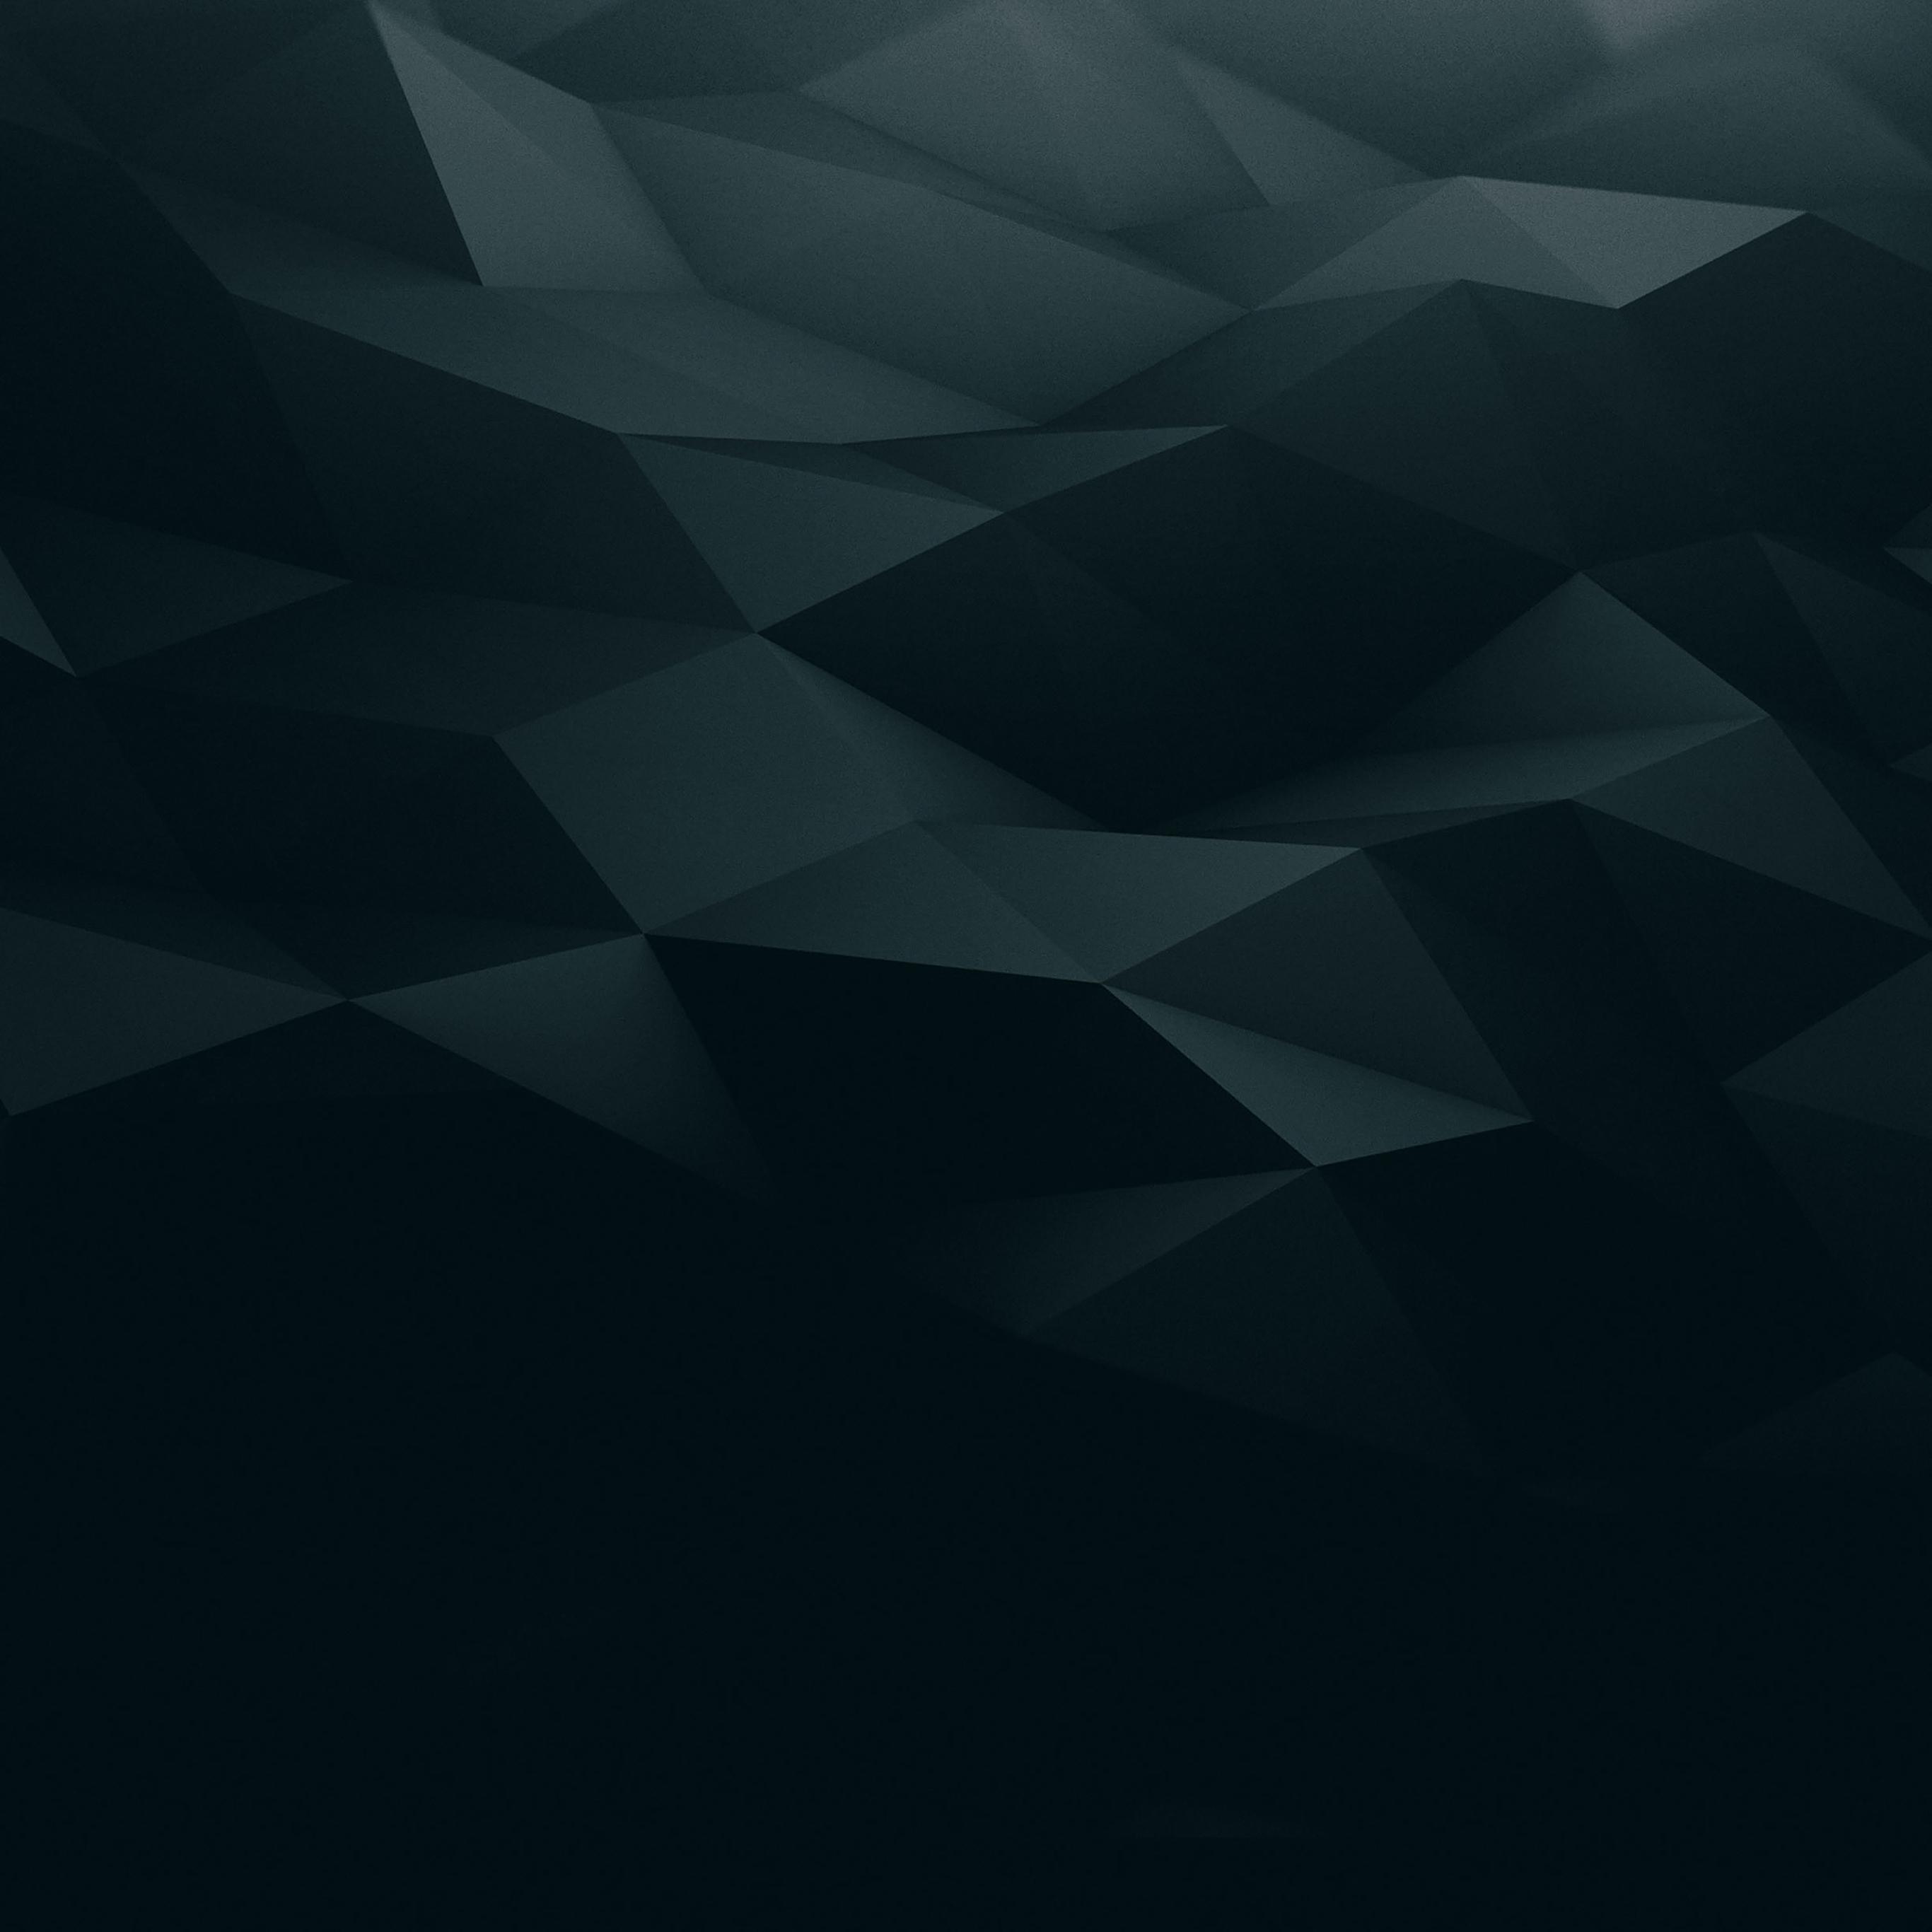 Va26 Noir 2 Dark Pattern Wallpaper